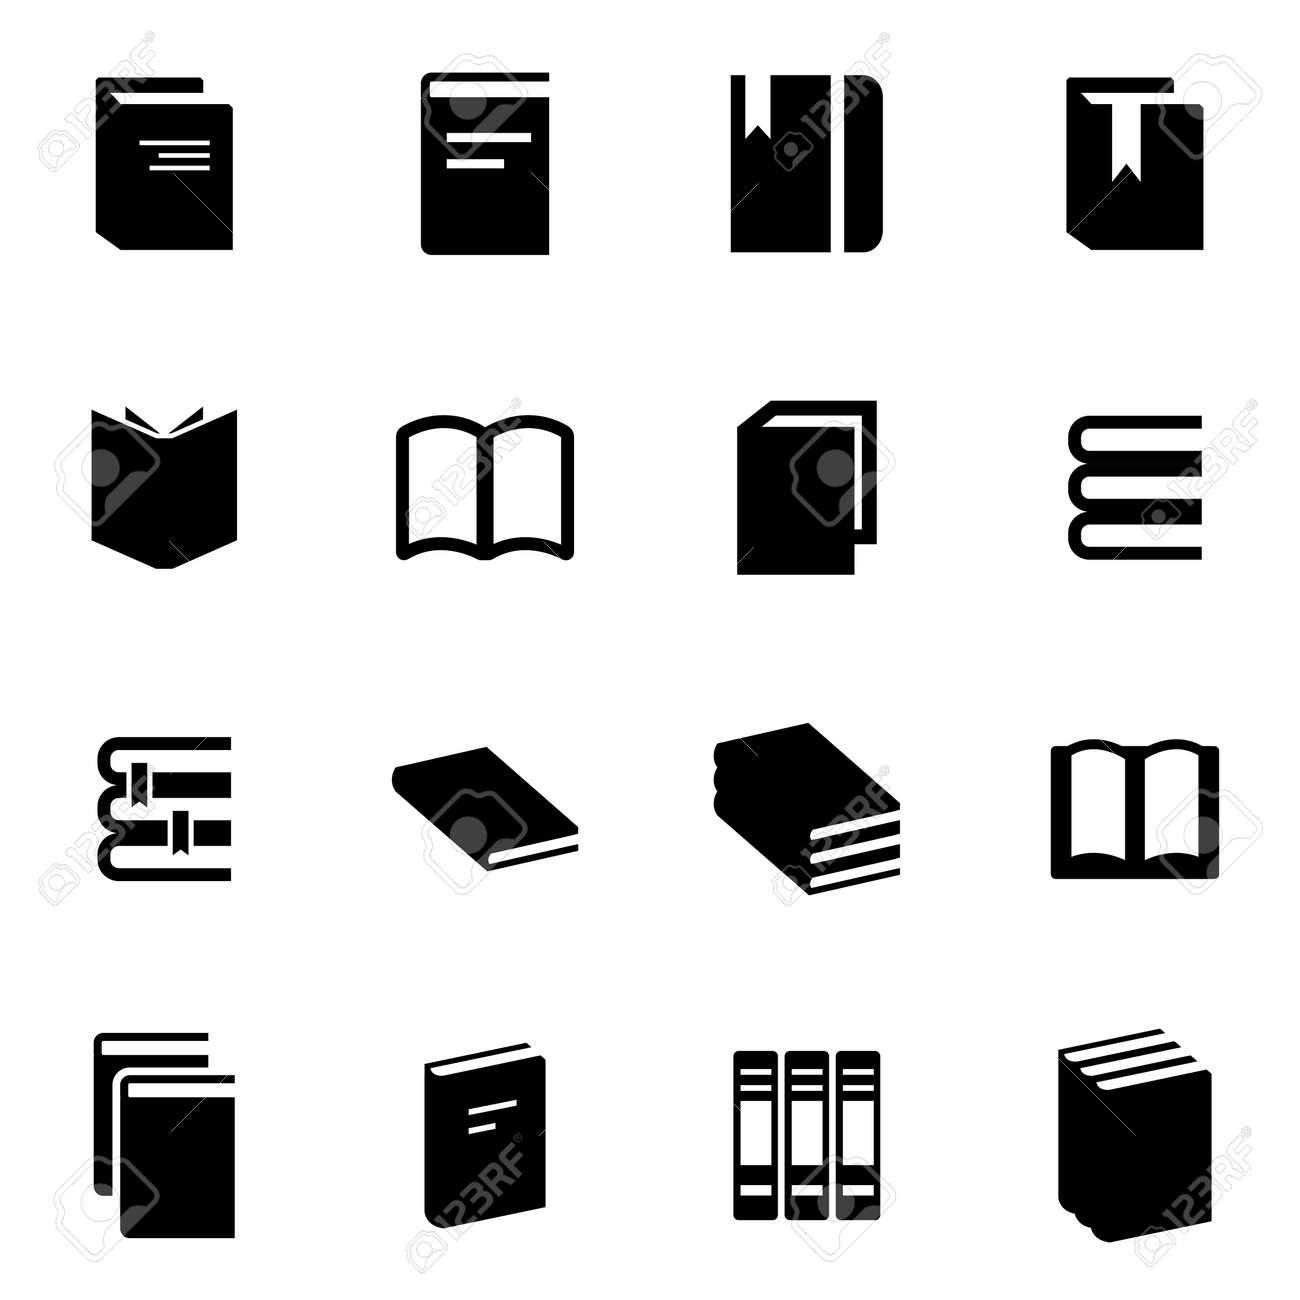 Icone De Livre Noir Serti Sur Fond Blanc